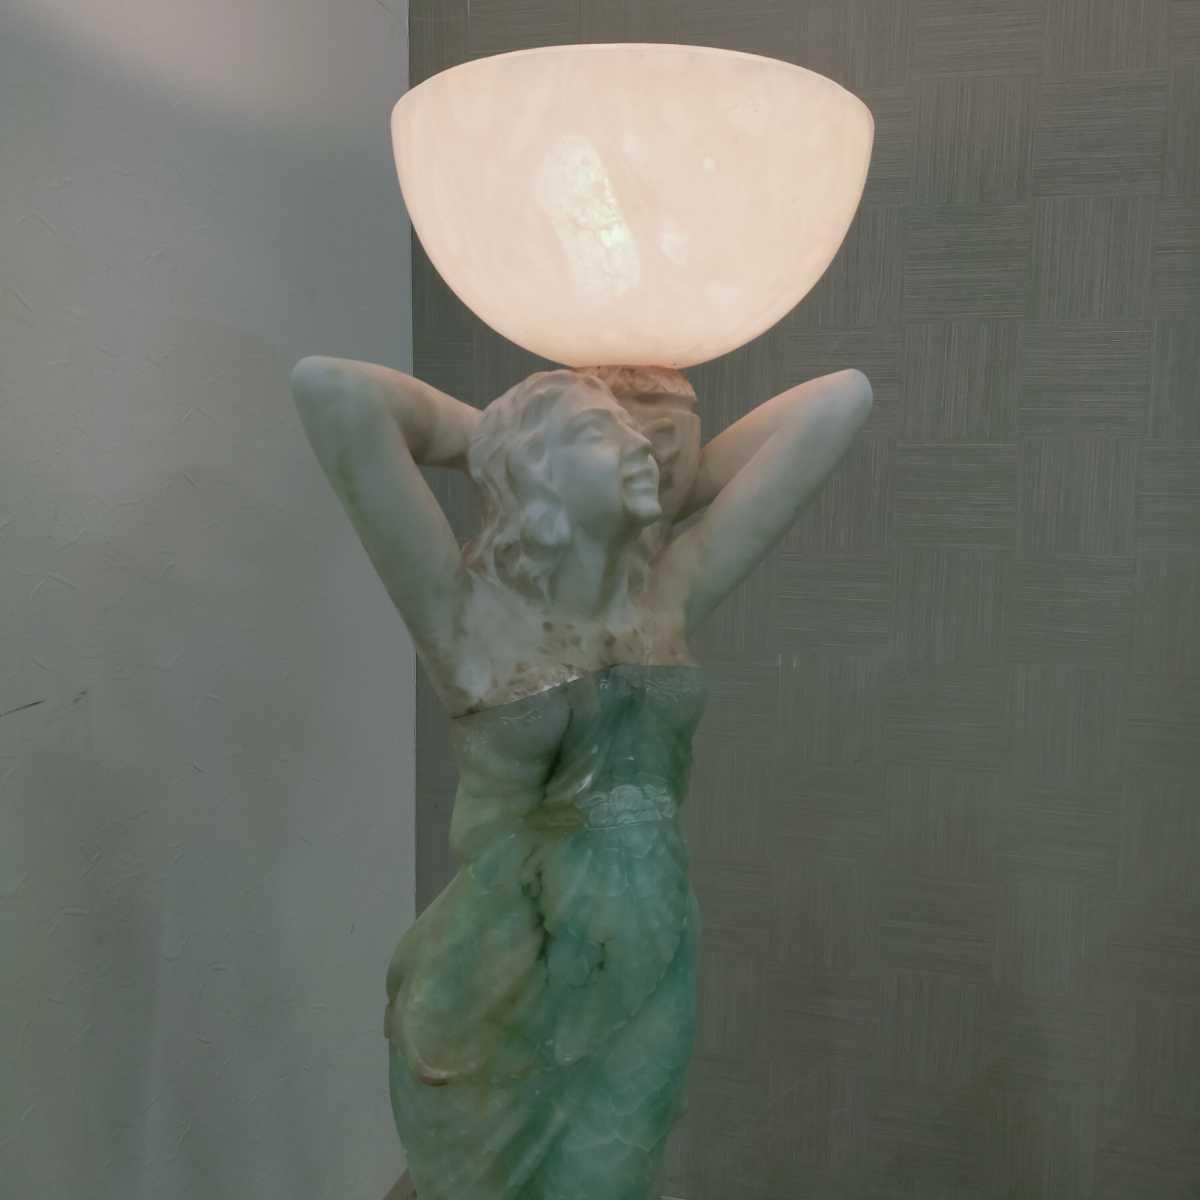 透明感ある天然石の最高級ビーナス ランプ 照明 H約138 150万円 照明器具 オブジェ フロアスタンド_画像3